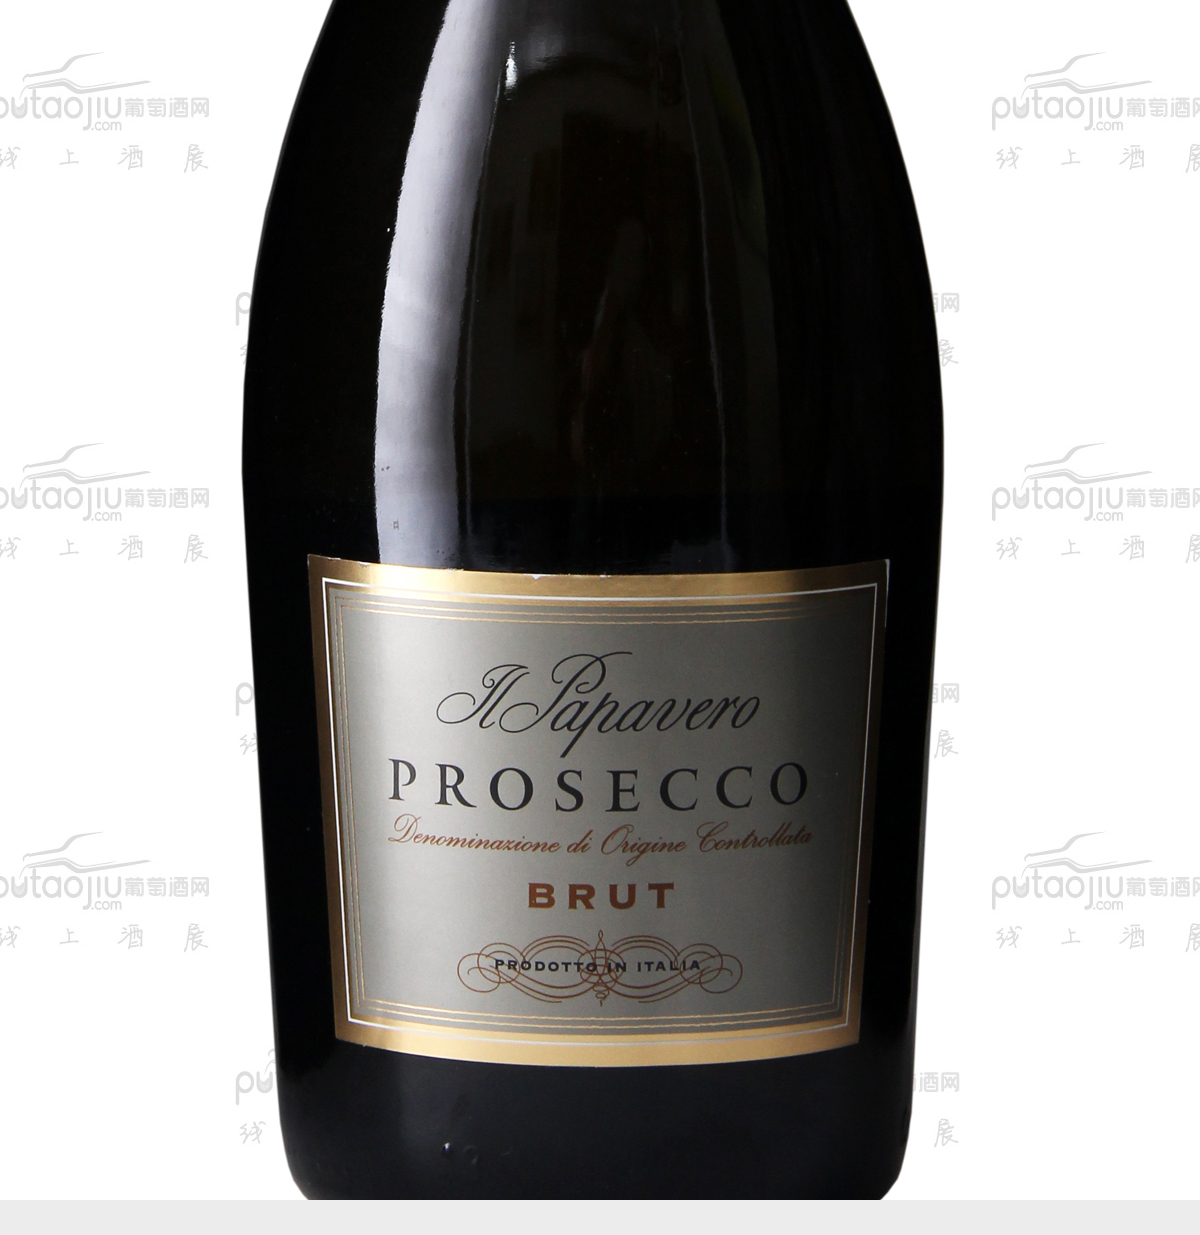 意大利威尼托虞美人酒庄格雷拉虞美人牌普罗塞克DOC起泡酒